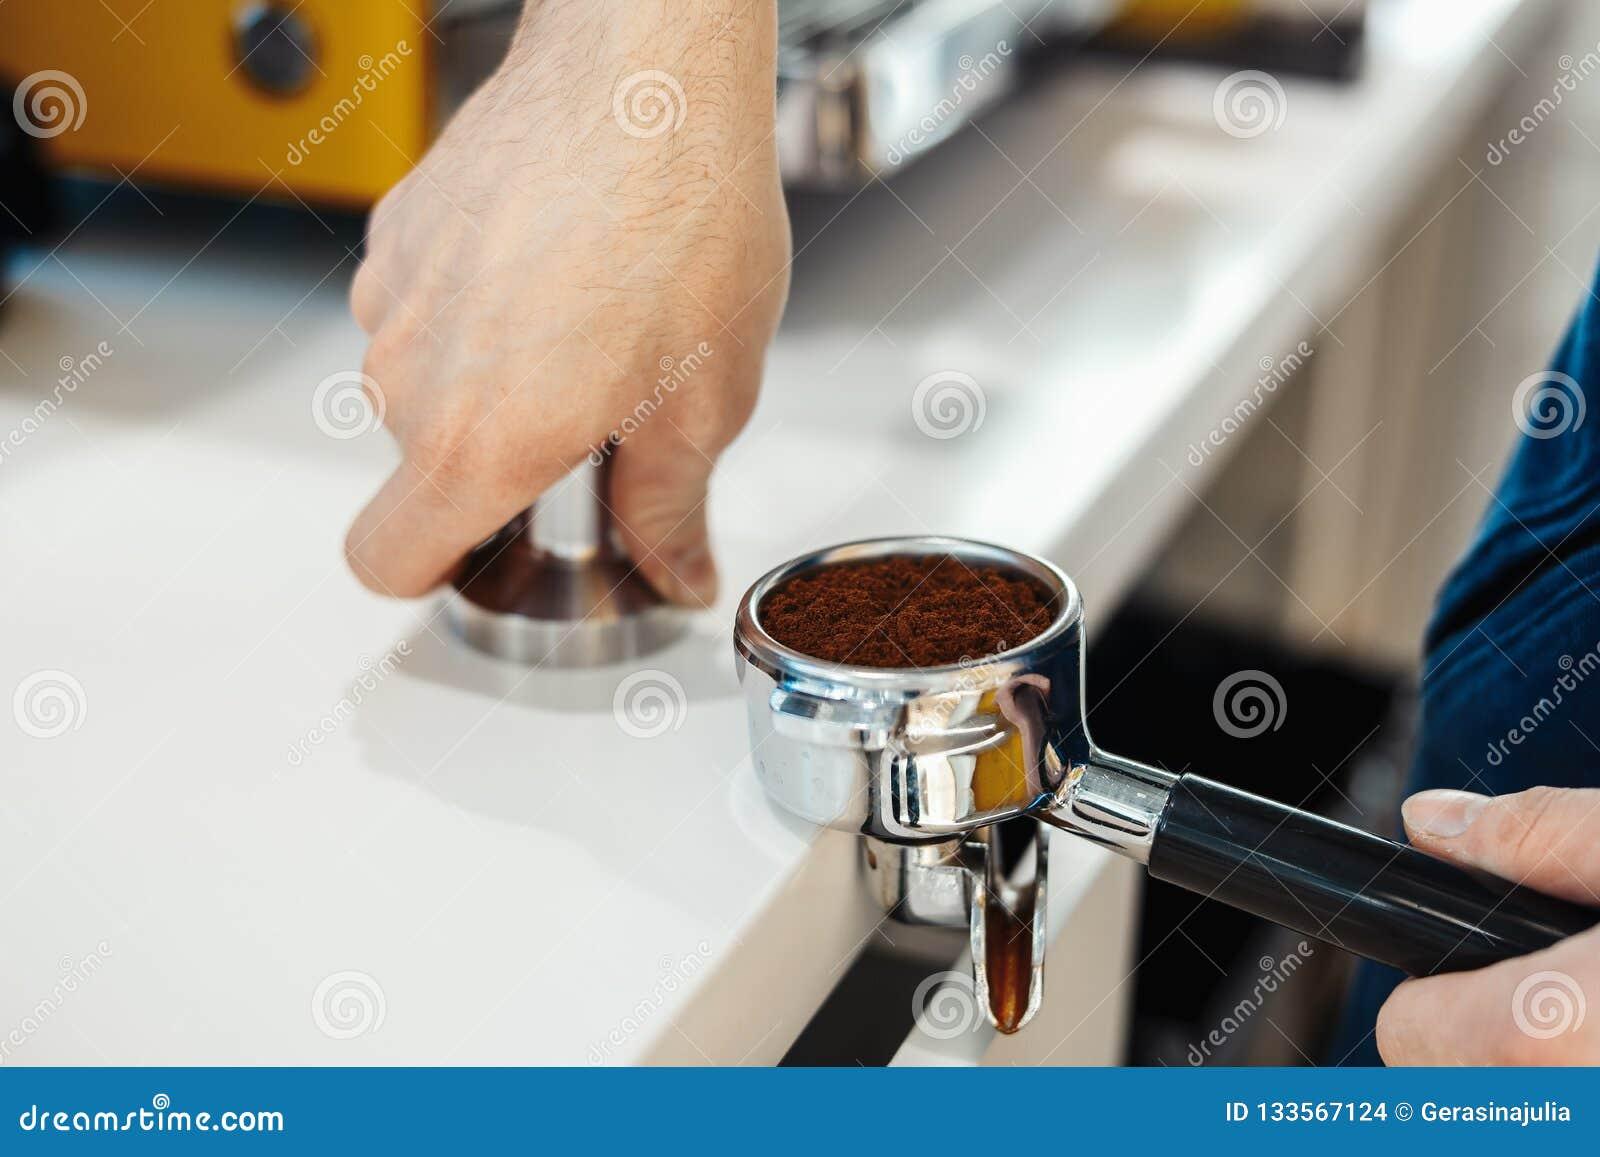 Le mani di barista che tengono il portafilter ed il caffè manomettono producendo un caffè del caffè espresso